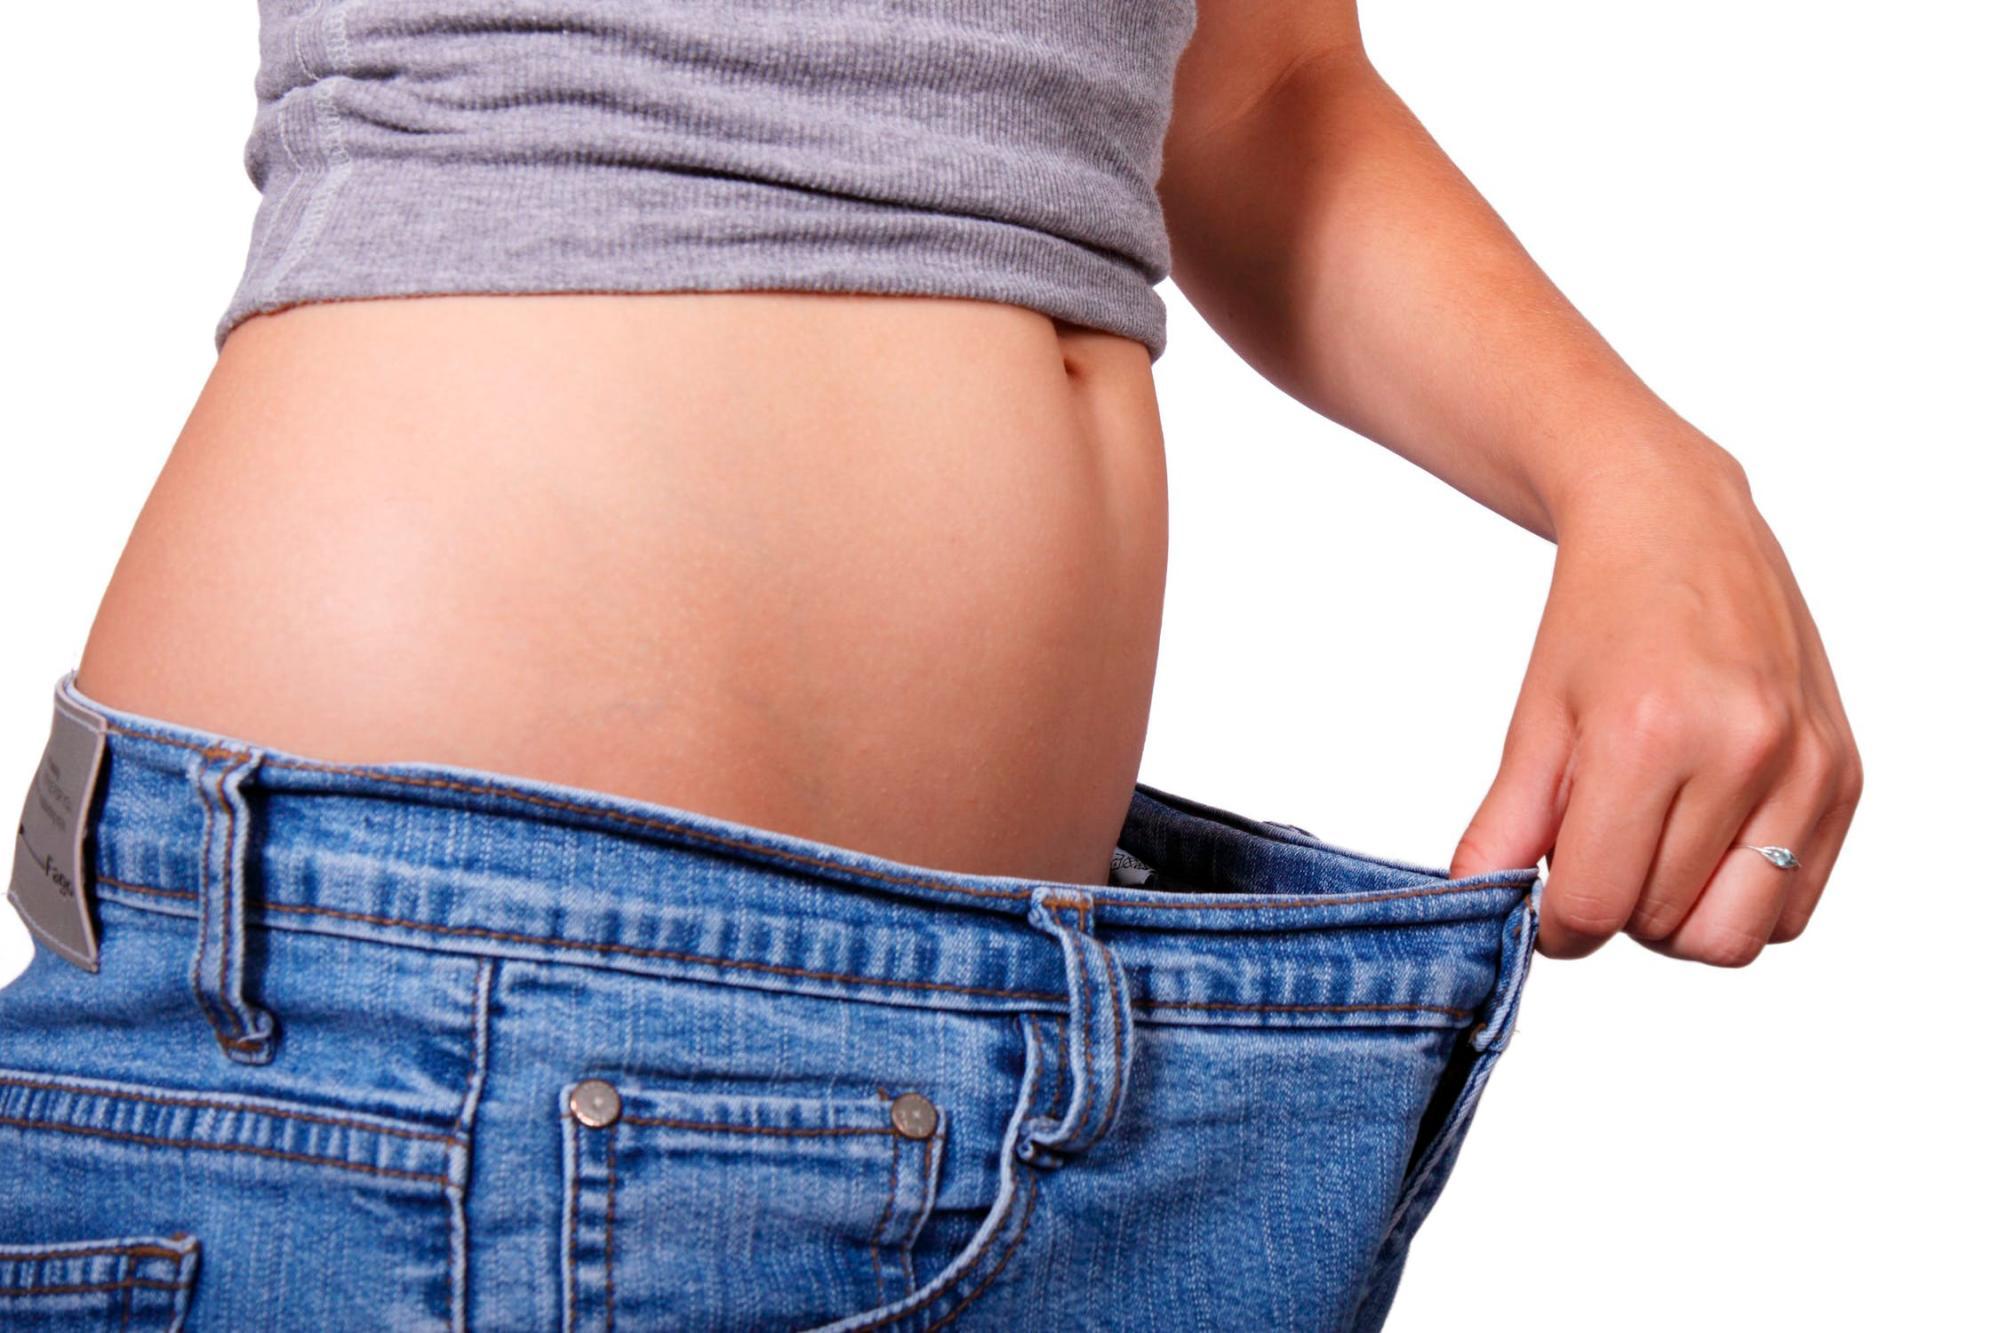 Suplementos para bajar de peso y tonificar brasos